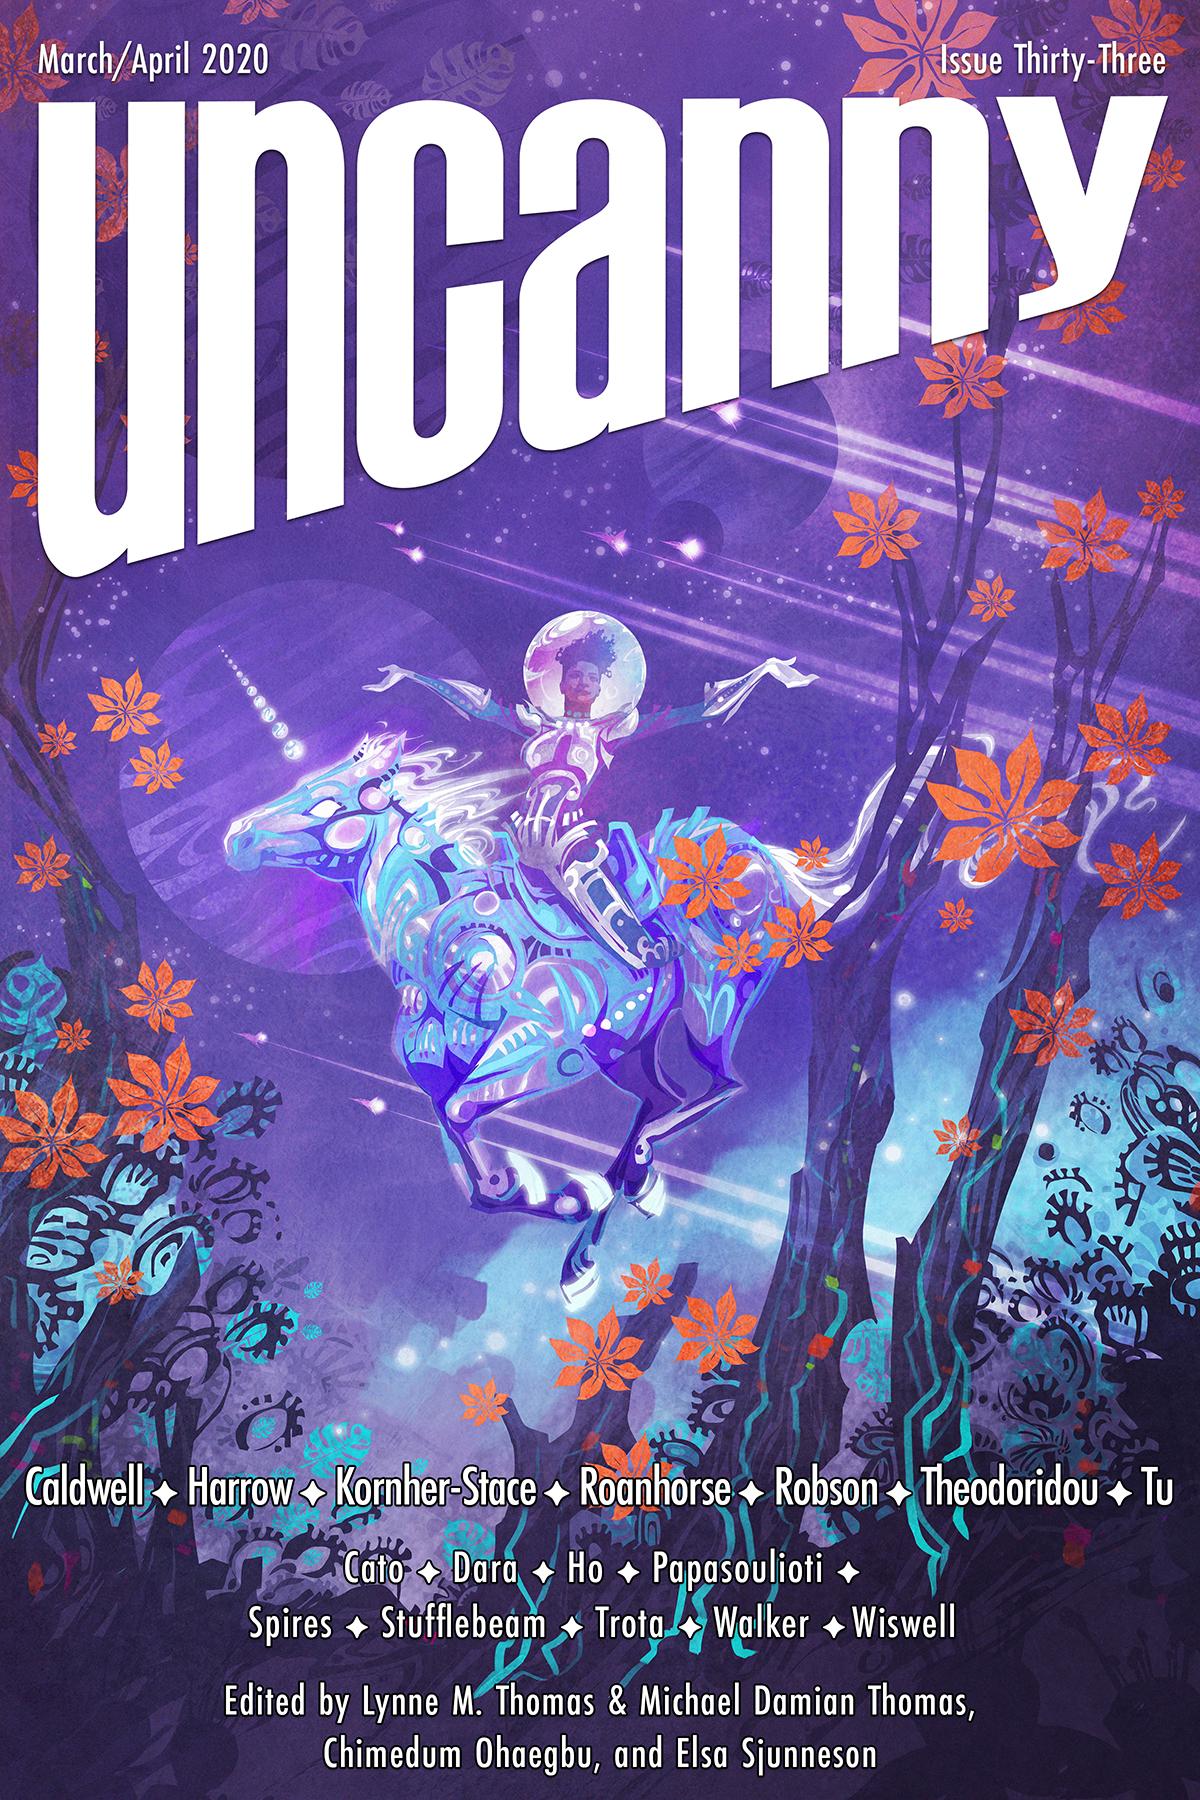 Uncanny Magazine Issue 33: March/April 2020 by Chimedum Ohaegbu, Elsa Sjunneson, Michael Damian Thomas, Lynne M. Thomas